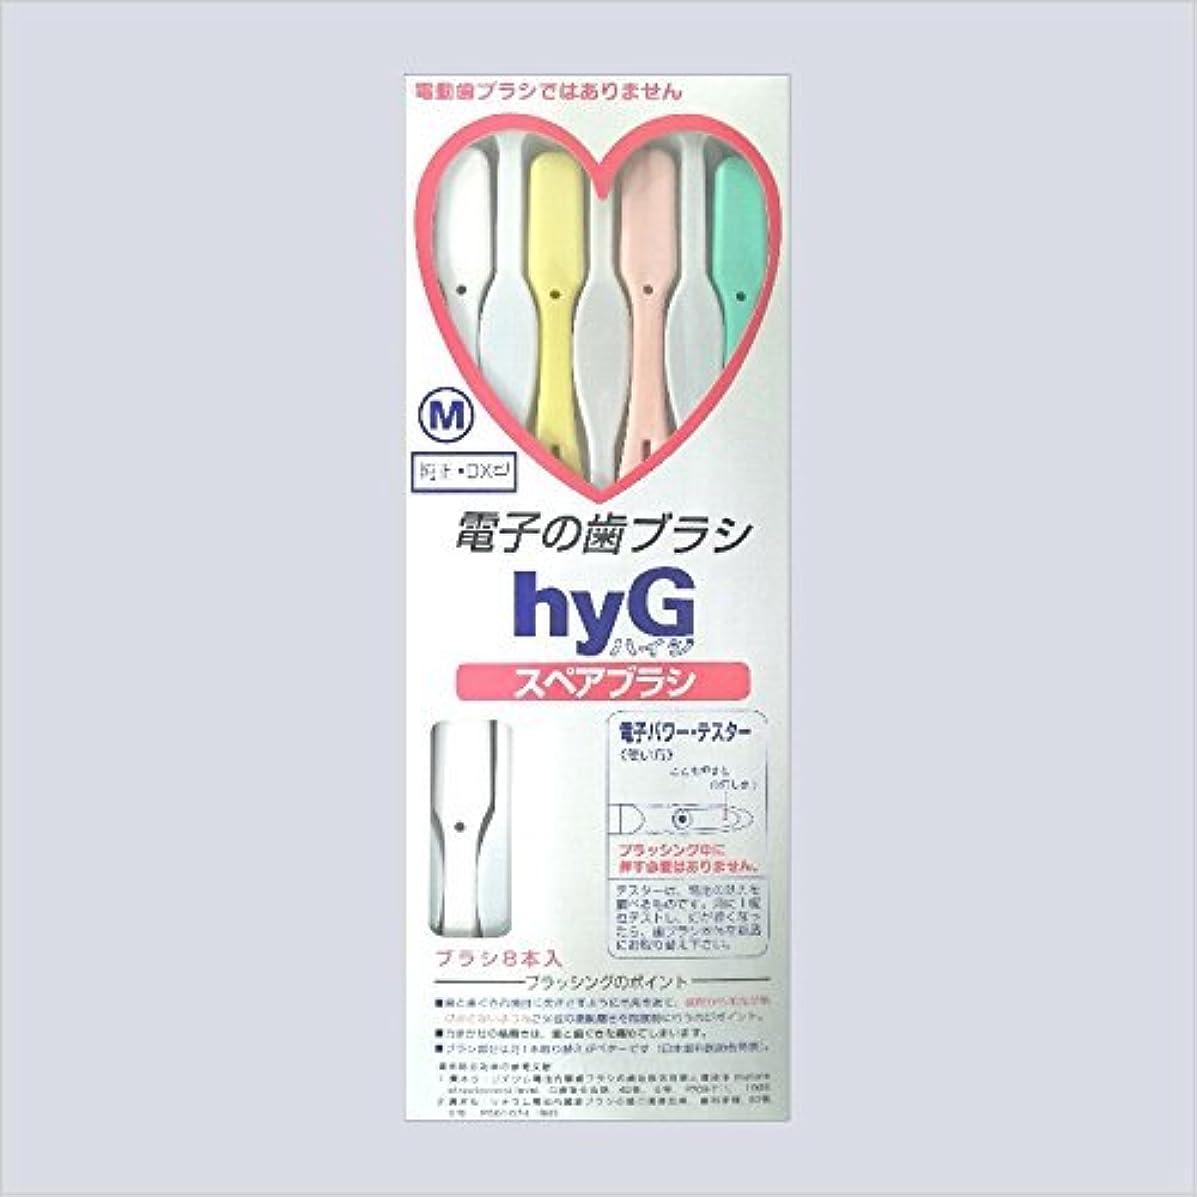 素晴らしさめまい失電子の歯ブラシ ハイジ(hyG)?スペアブラシ <ブラシの硬さ:Mふつう> (※こちらは「スペアブラシ」です )?hyG-DX型